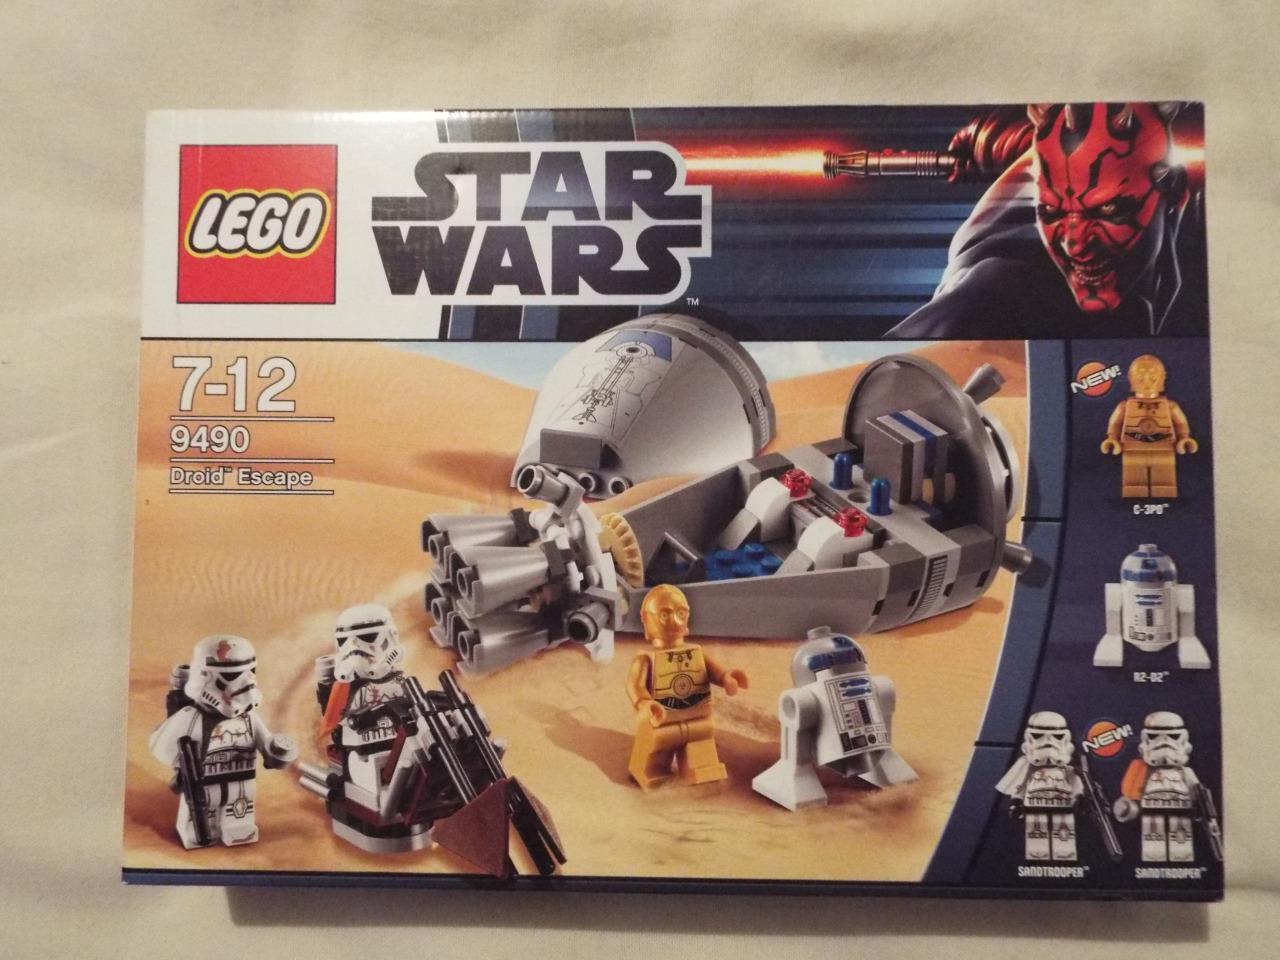 Lego STAR WARS Set 9490 DROID ESCAPE ESCAPE ESCAPE BRAND NEW SEALED 3f41b9